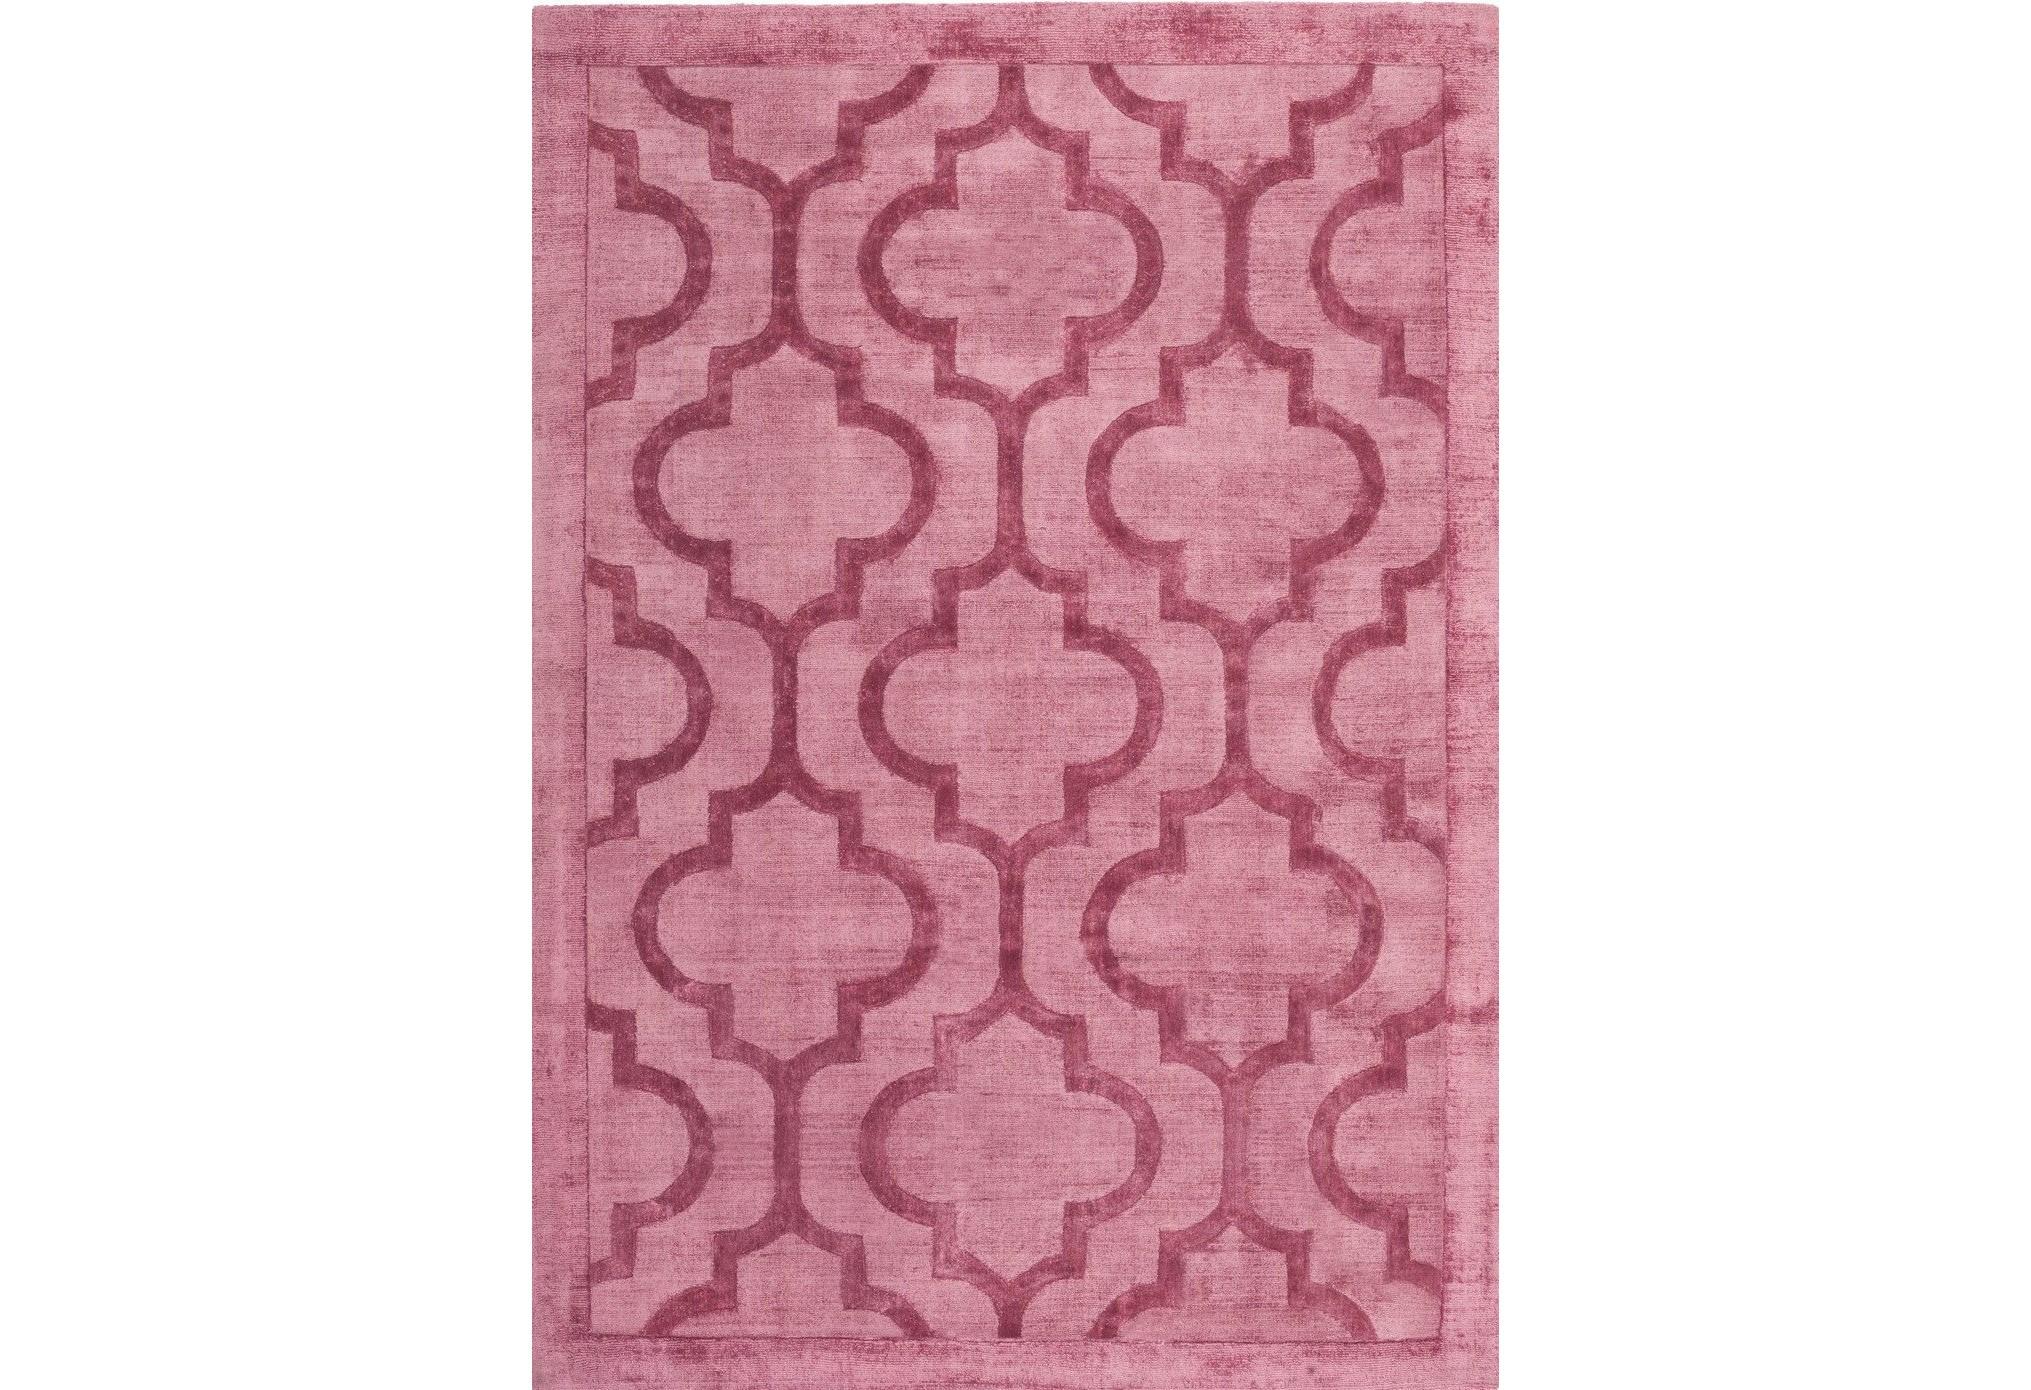 Ковер Eternity 80х150Прямоугольные ковры<br>Мягкие и шелковистые ковры ручной работы, <br>очень красиво блестят и переливаются в <br>зависимости от освещения в интерьере. При <br>дневном освещении оттенок может быть бледнее, <br>при искусственном более насыщенным.&amp;lt;div&amp;gt;&amp;lt;br&amp;gt;&amp;lt;/div&amp;gt;&amp;lt;div&amp;gt;Основа - хлопок.&amp;lt;/div&amp;gt;<br><br>Material: Шерсть<br>Ширина см: 80<br>Глубина см: 150